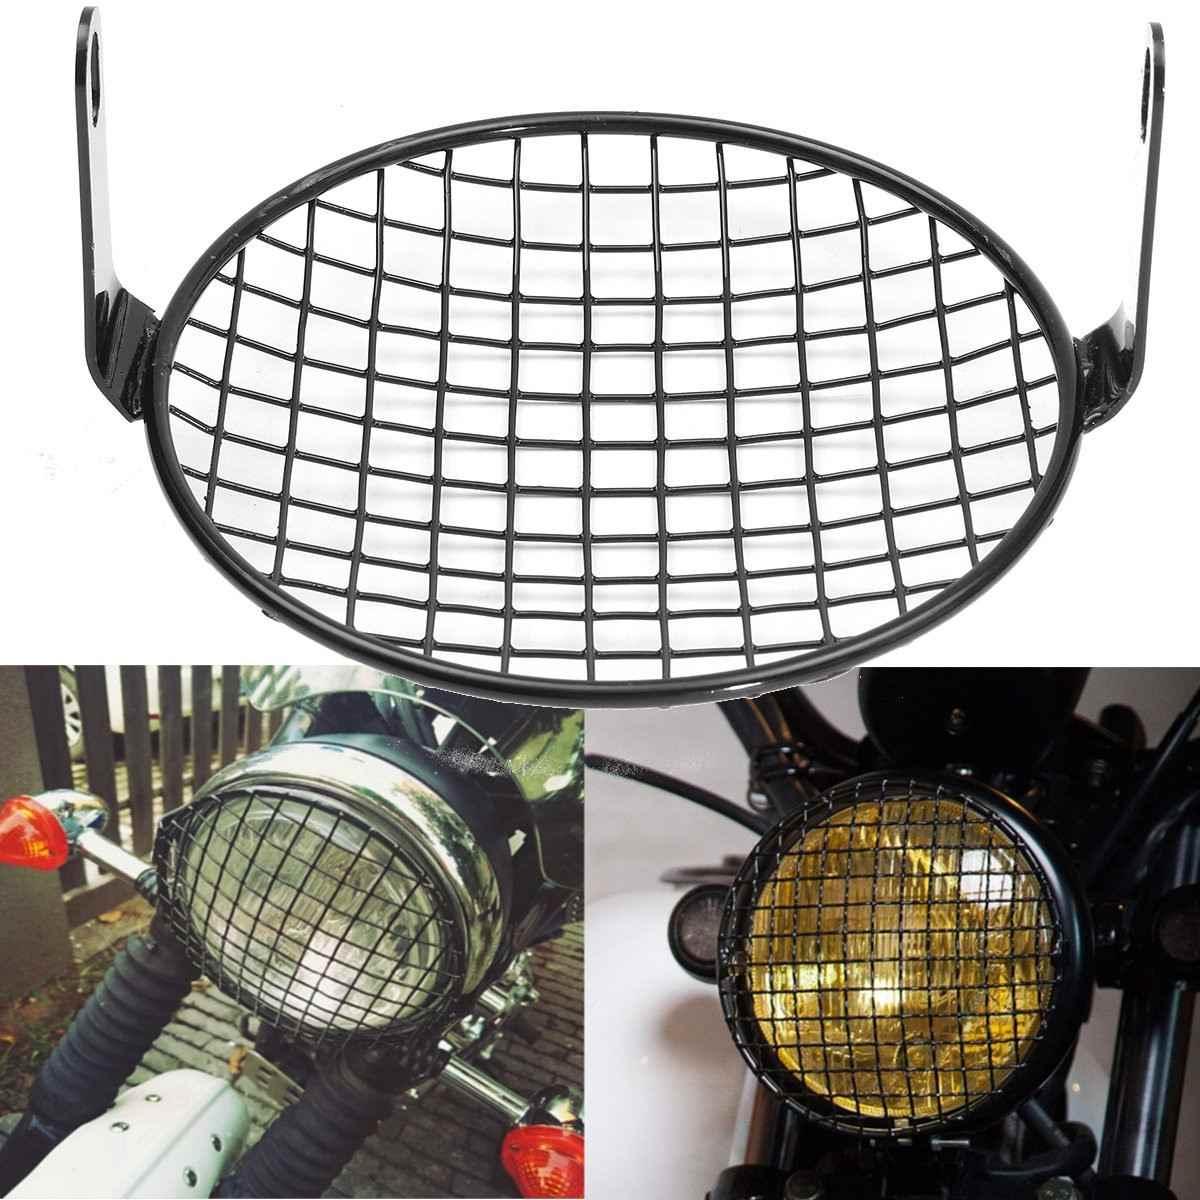 6,4 дюймов передняя фара мотоцикла сетка гриль маска сталь Ретро Головной фонарь крышка крепление протектор для Honda Для Bobber CB